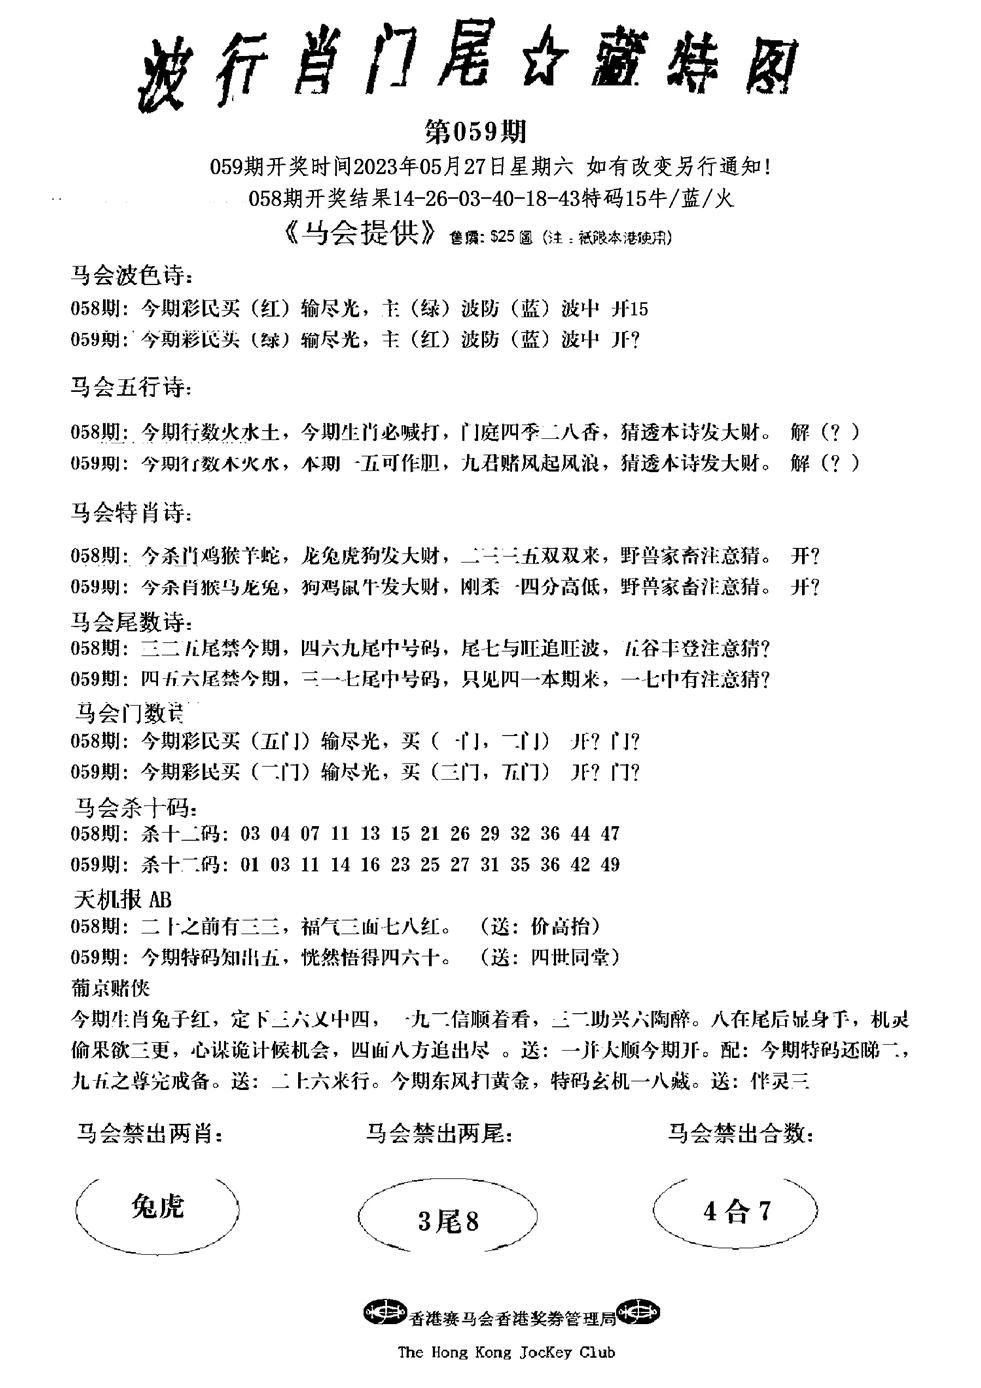 059期波行肖尾藏特图(黑白)